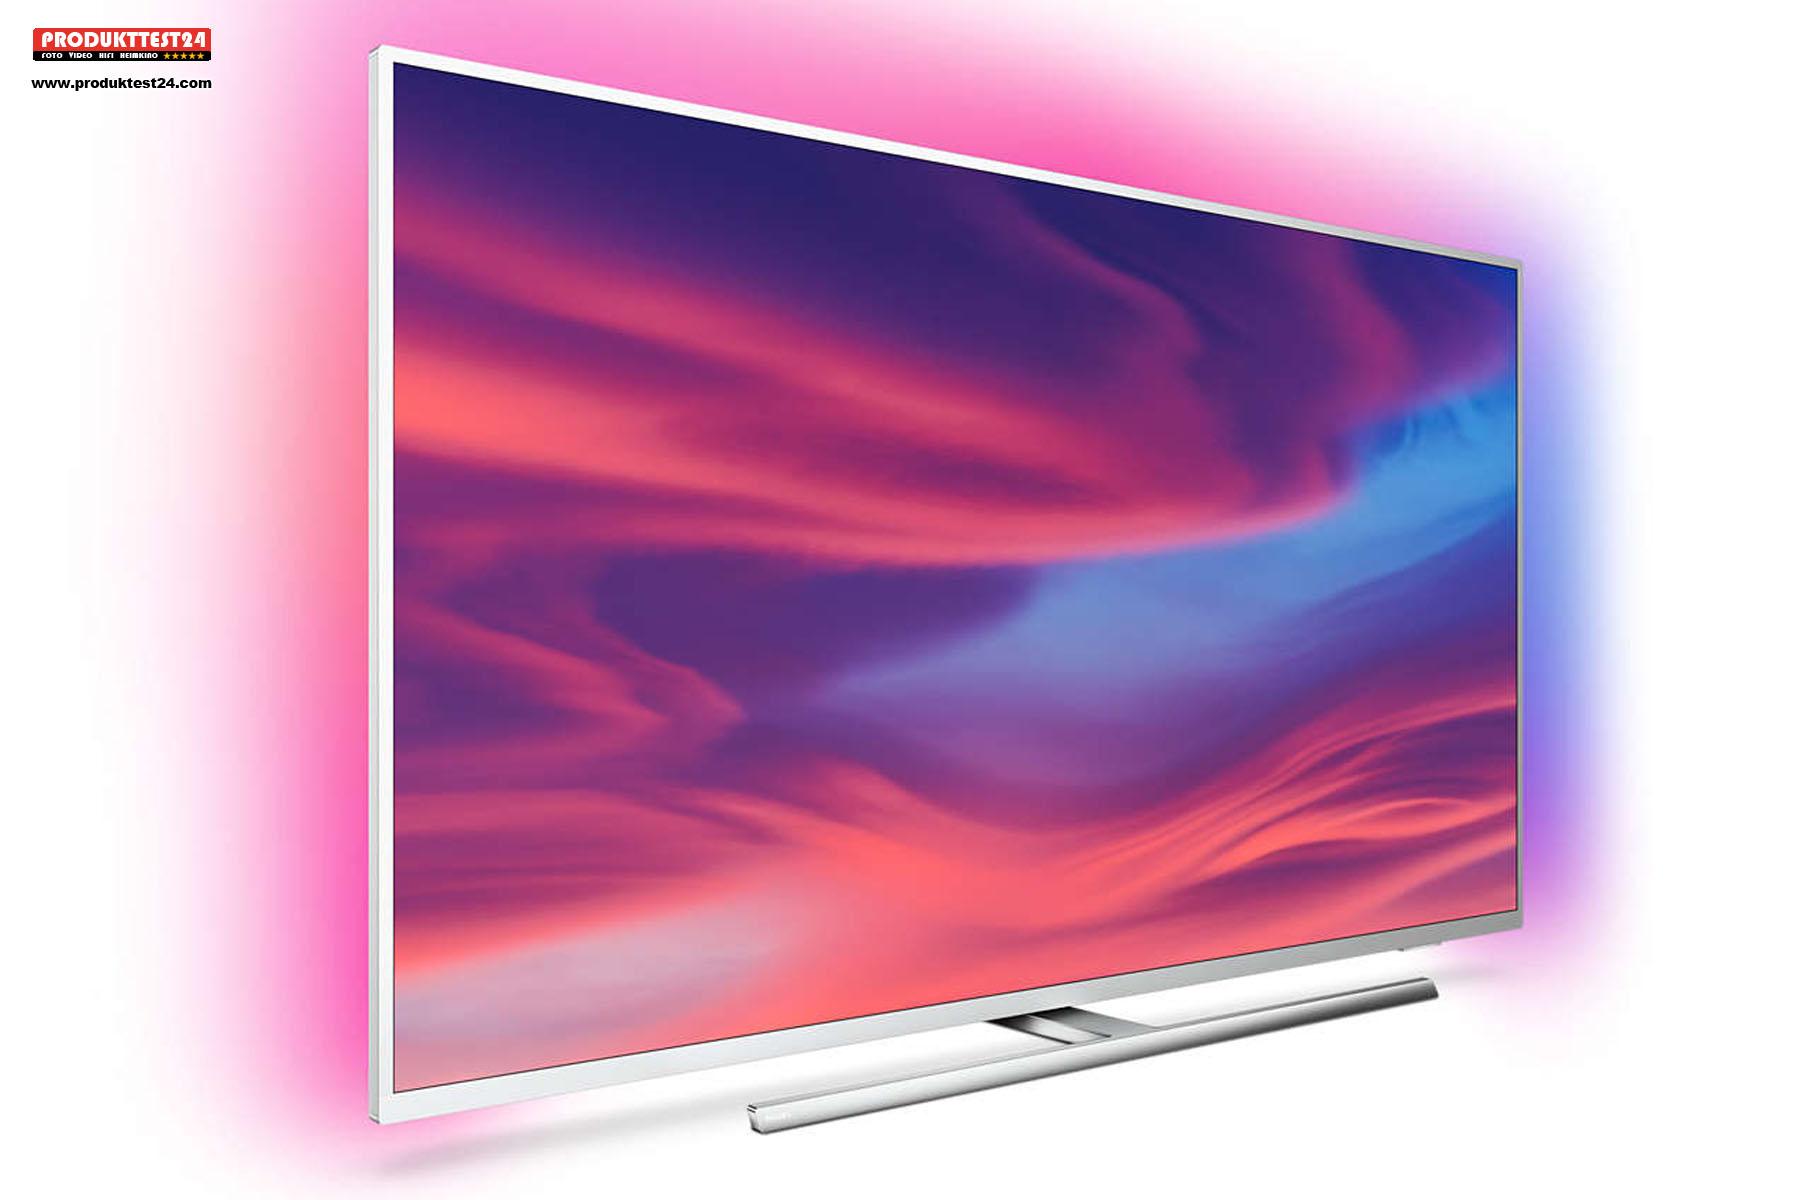 Philips 43PUS7304/12 UHD Fernseher mit Ambilight